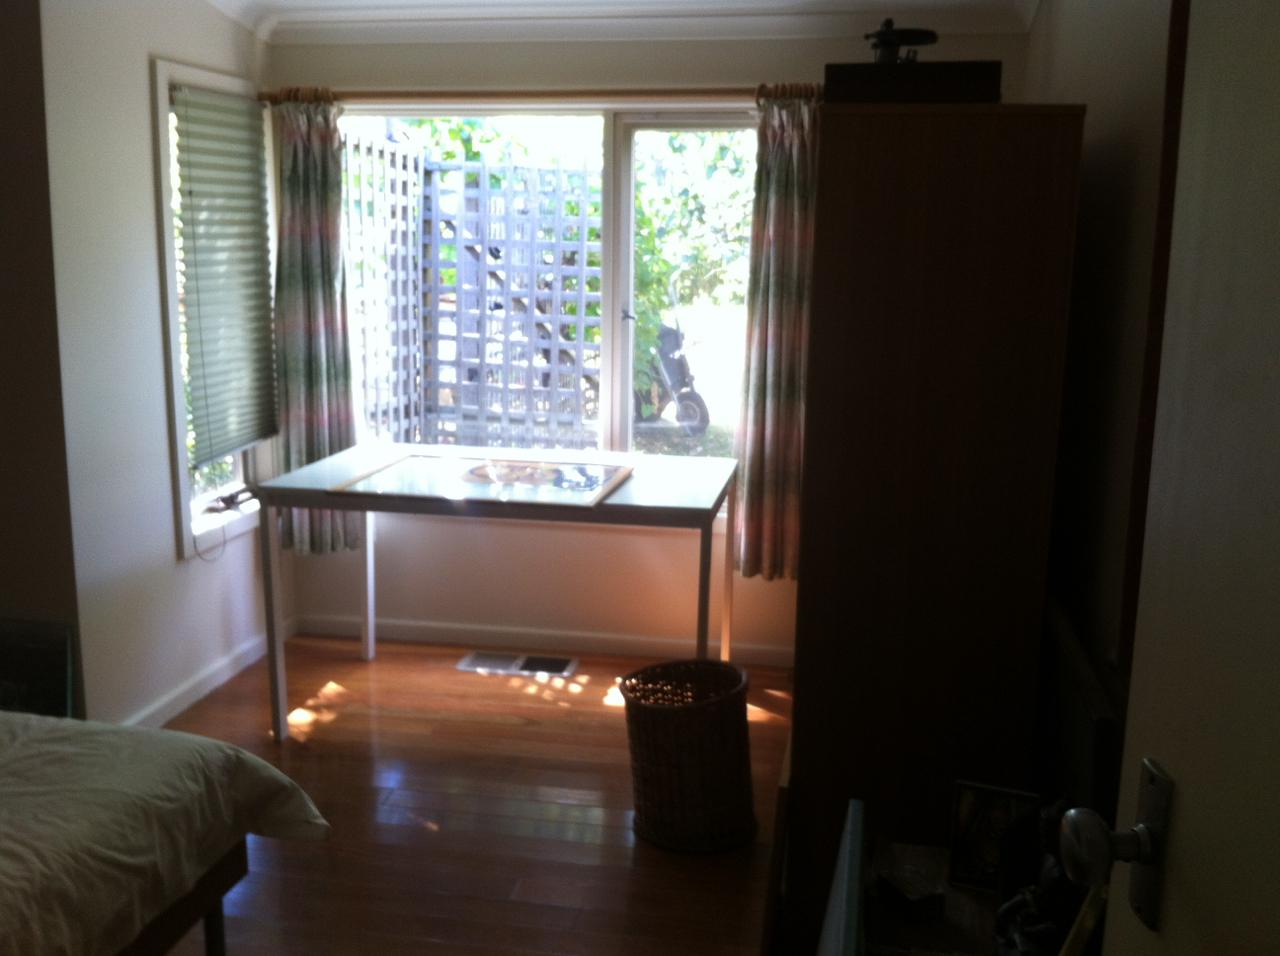 212 bedroom 3 bef.jpg